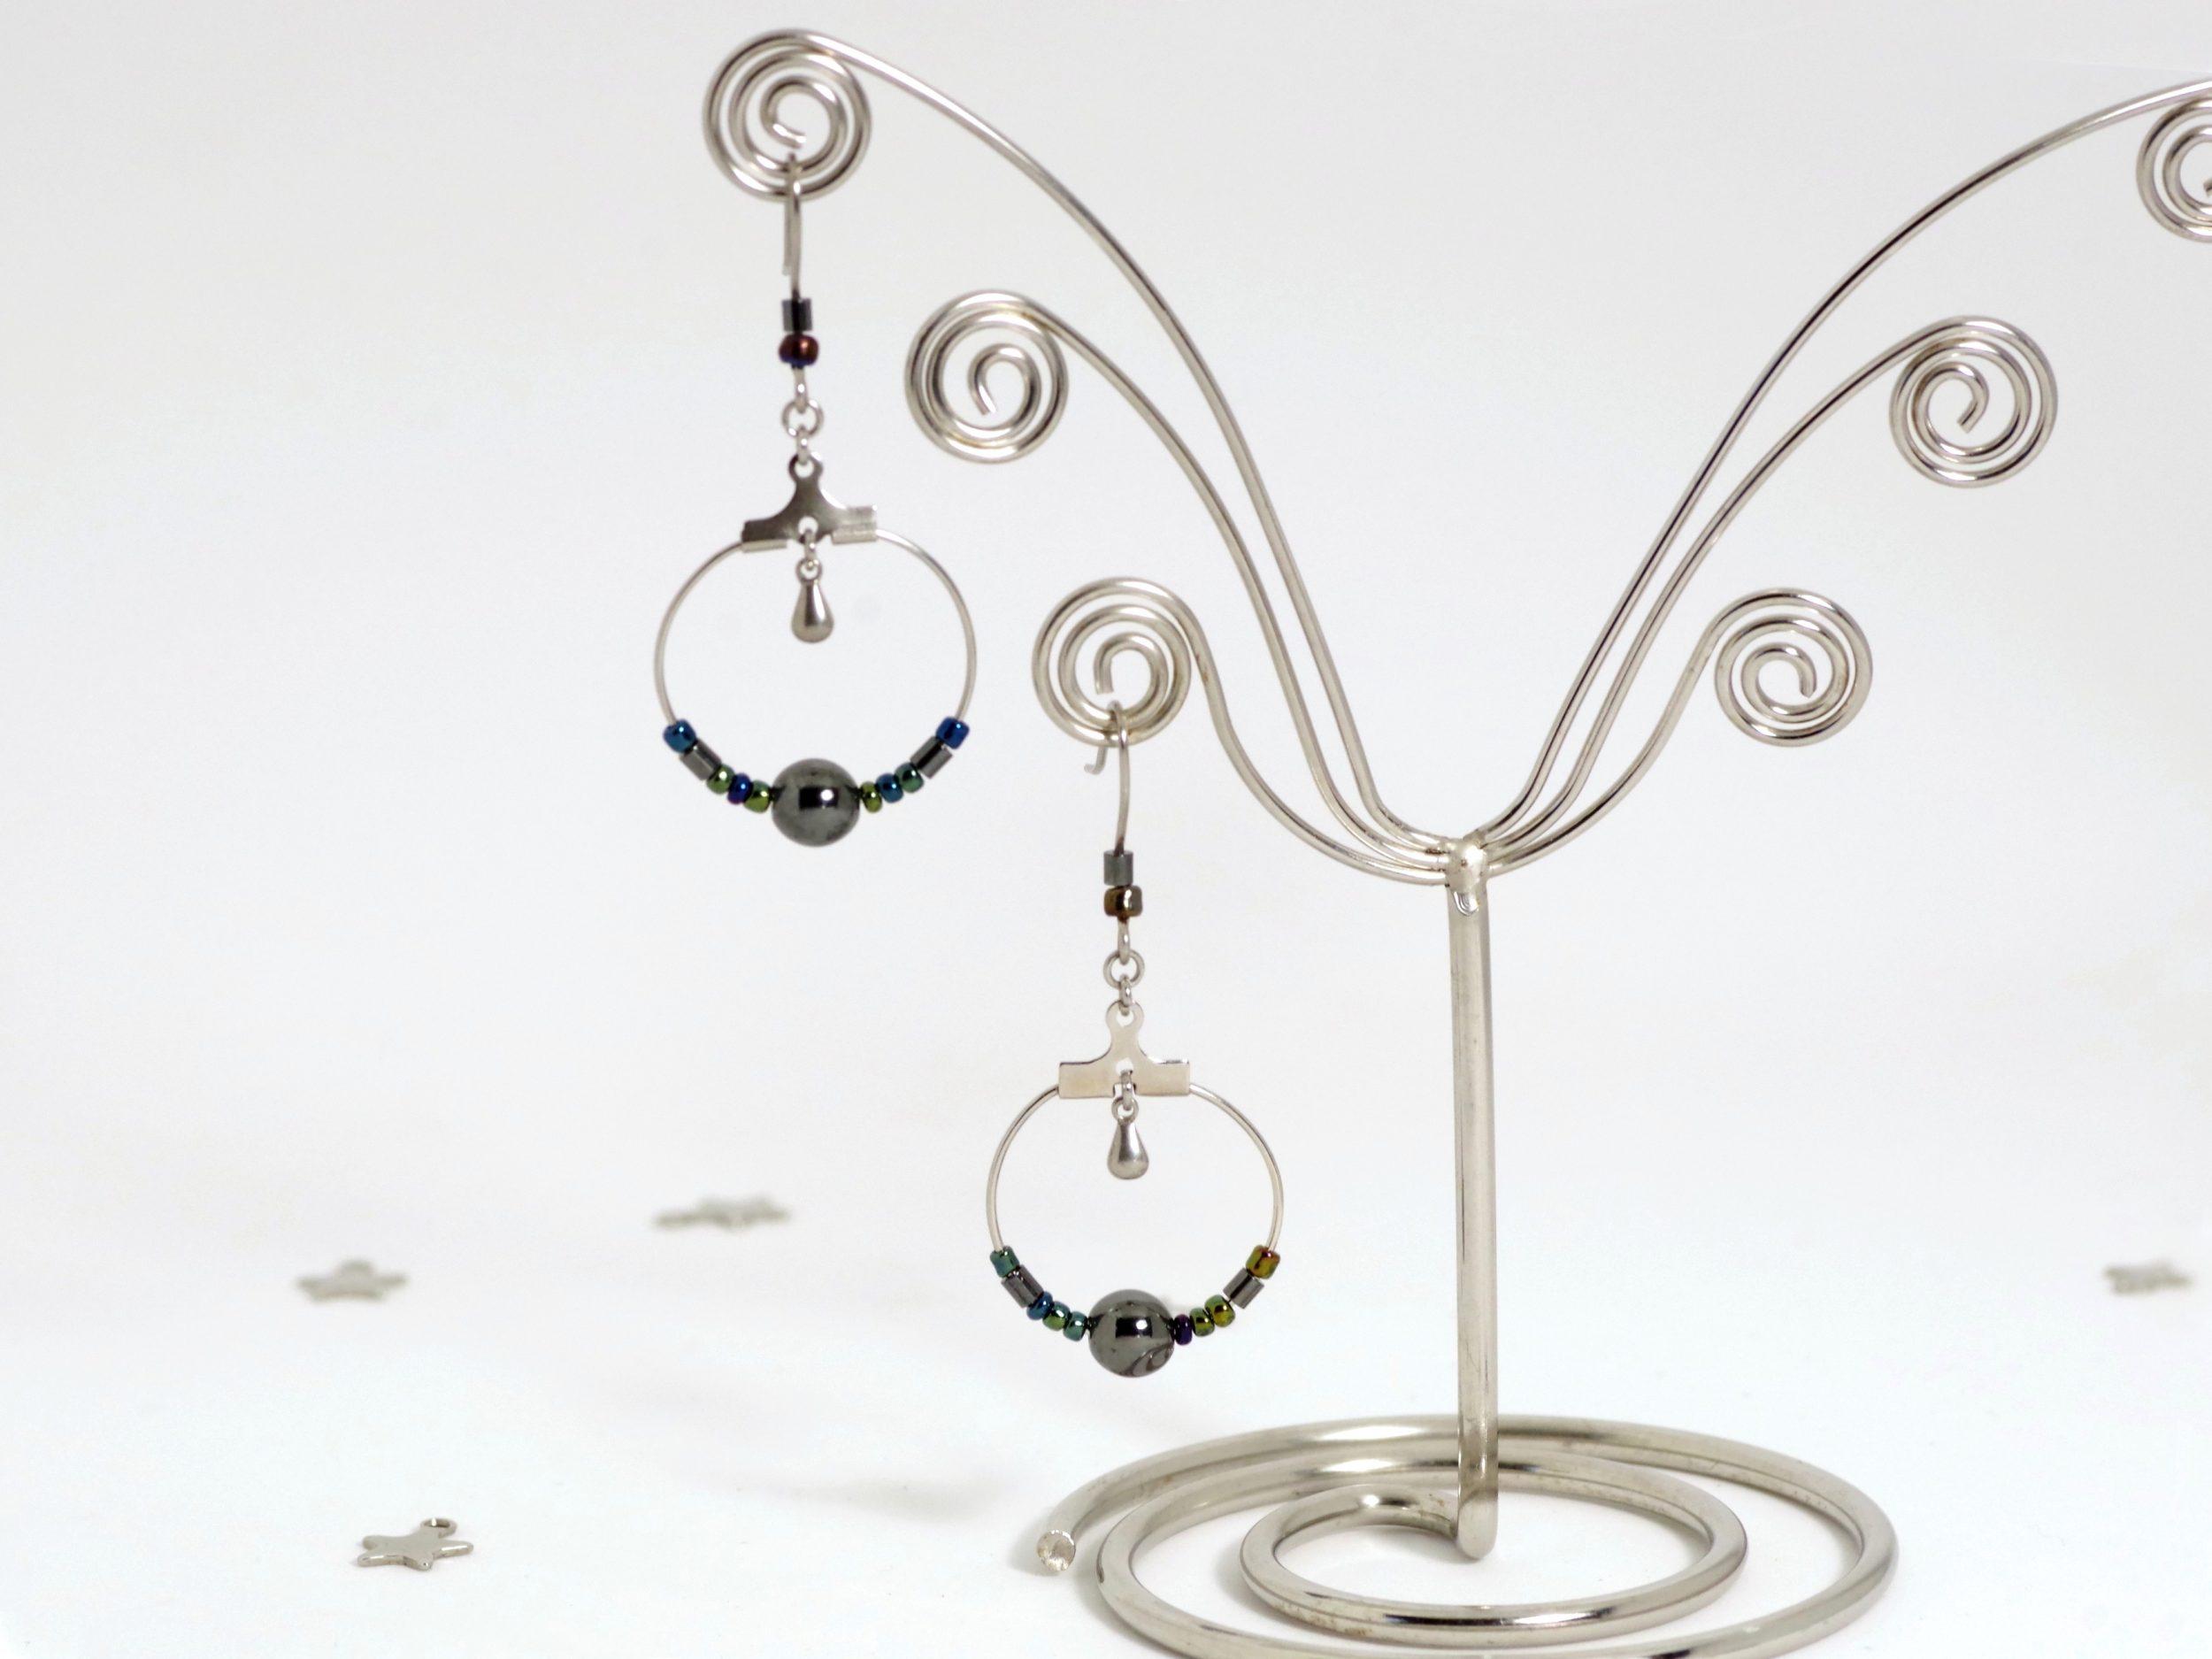 boucles d'oreilles argentées avec des perles d'hématite aux écats métalliques sur un anneau inox